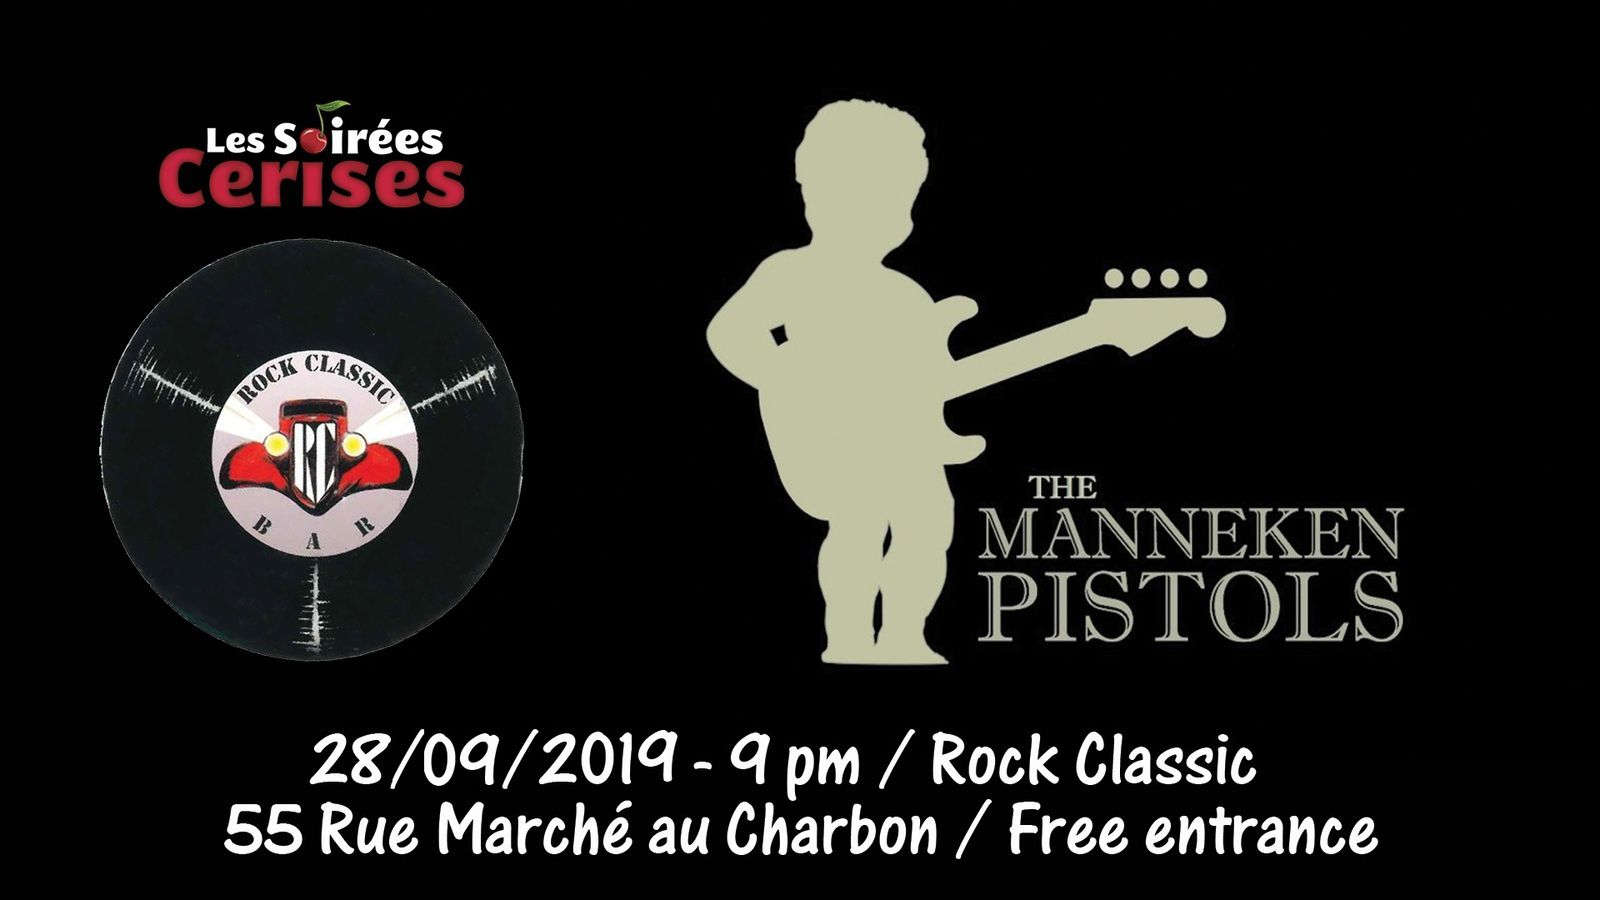 ▶ Manneken Pistols au Rock Classic - 28/09/2019 - 21h00 - Entrée gratuite !